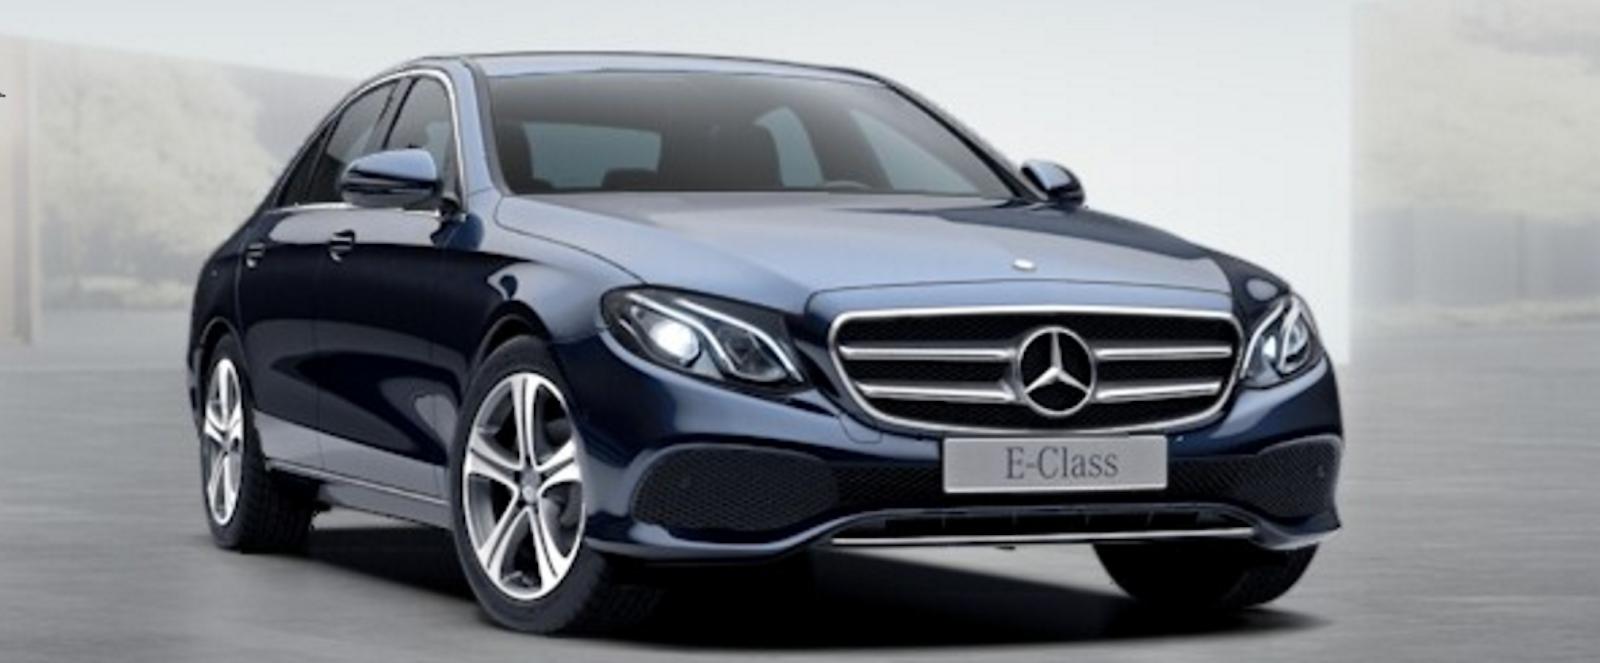 Mercedes Metallic Paint Colours